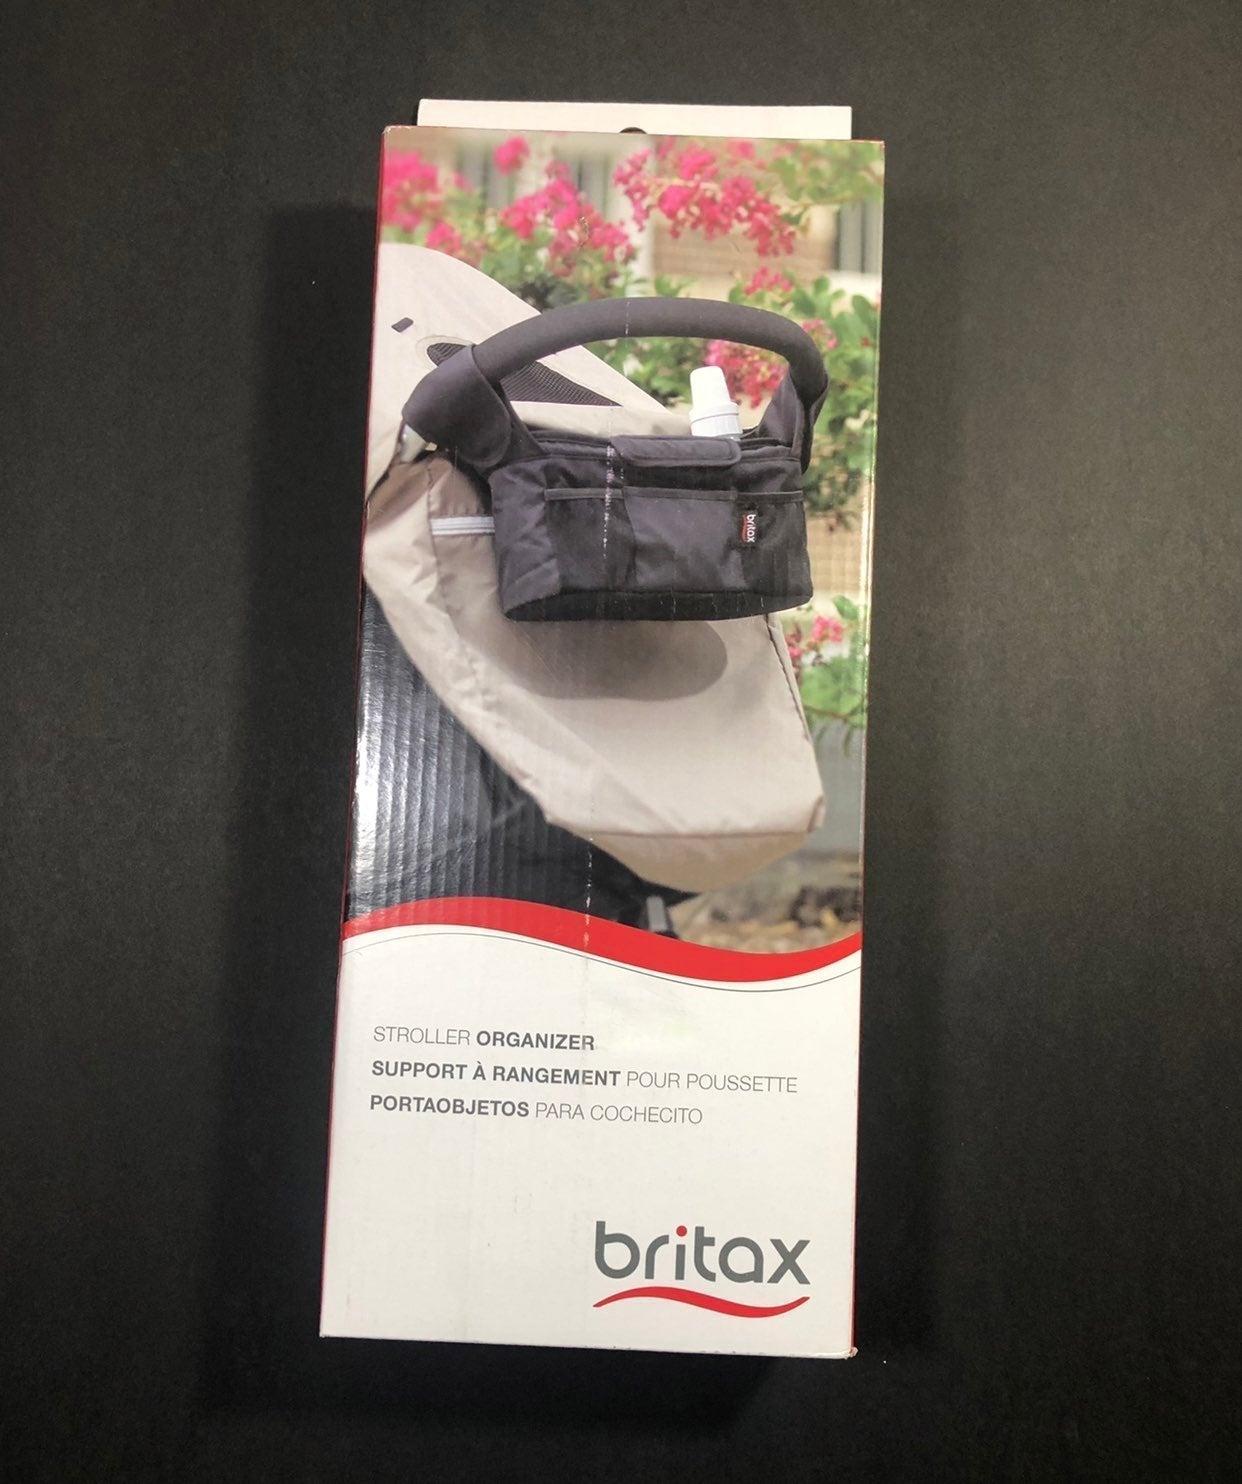 Britax Stroller Organizer (Insulated)